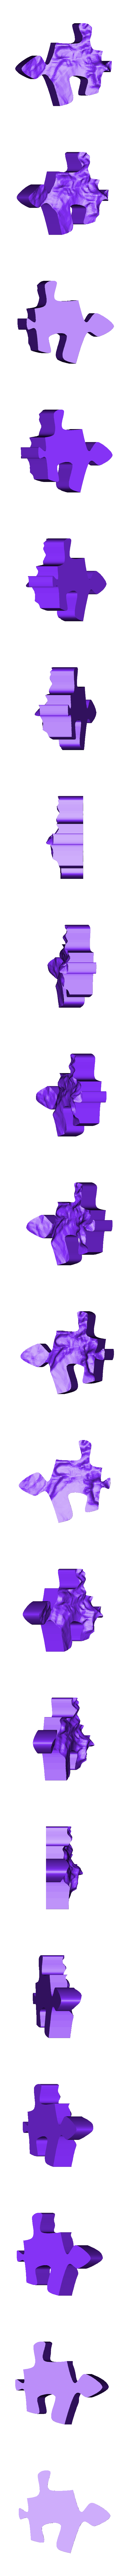 12.stl Télécharger fichier STL gratuit Echelle épique - Terrain - Zion NP • Objet à imprimer en 3D, TCP491016